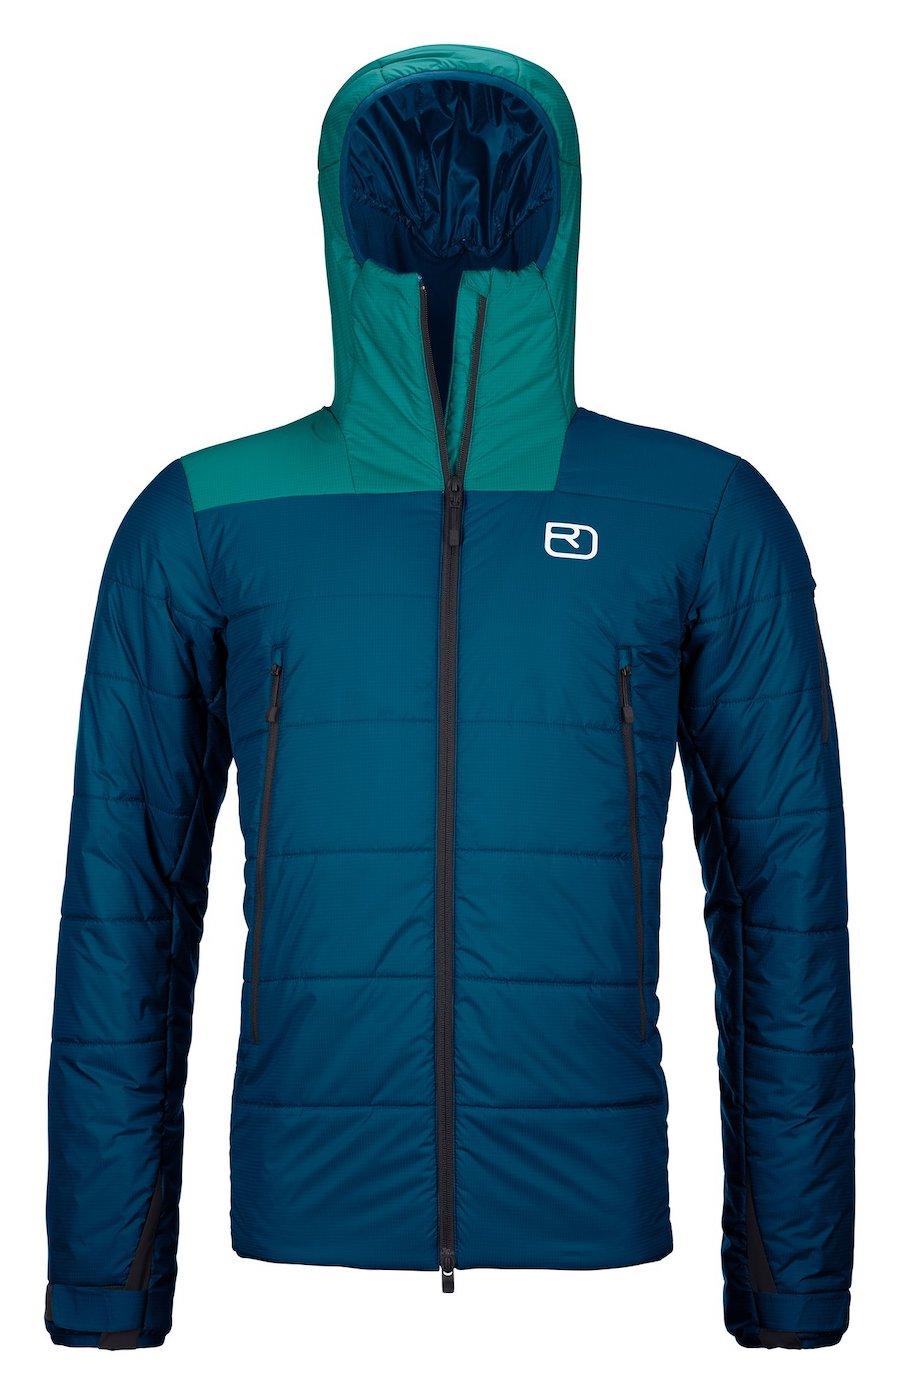 Ortovox - Swisswool Zinal Jacket M, Isolationsjacke